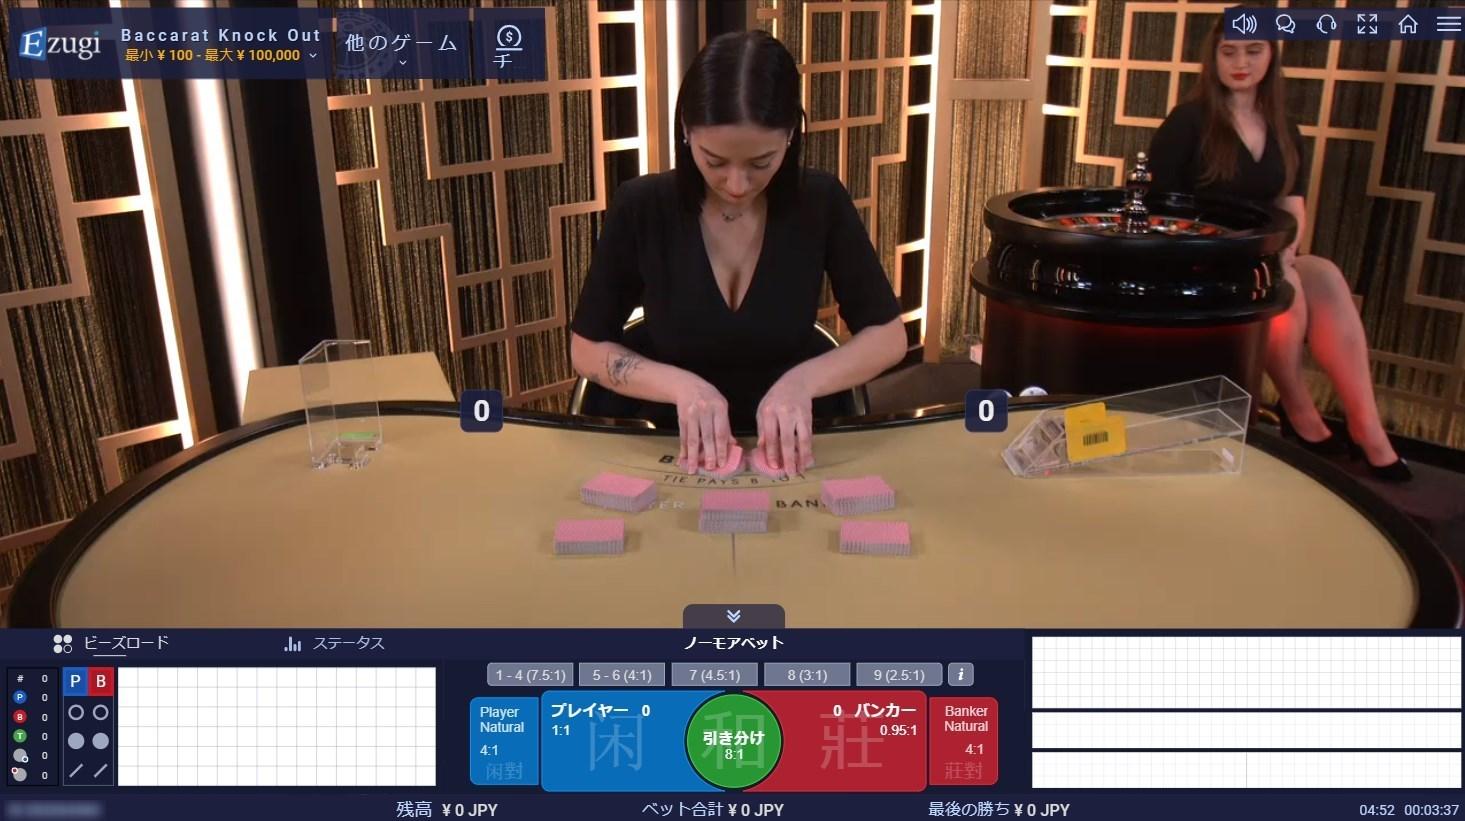 間近でプロのカジノディーラーのカード裁きを見れば、ゲームが楽しめるのも間違いなし!